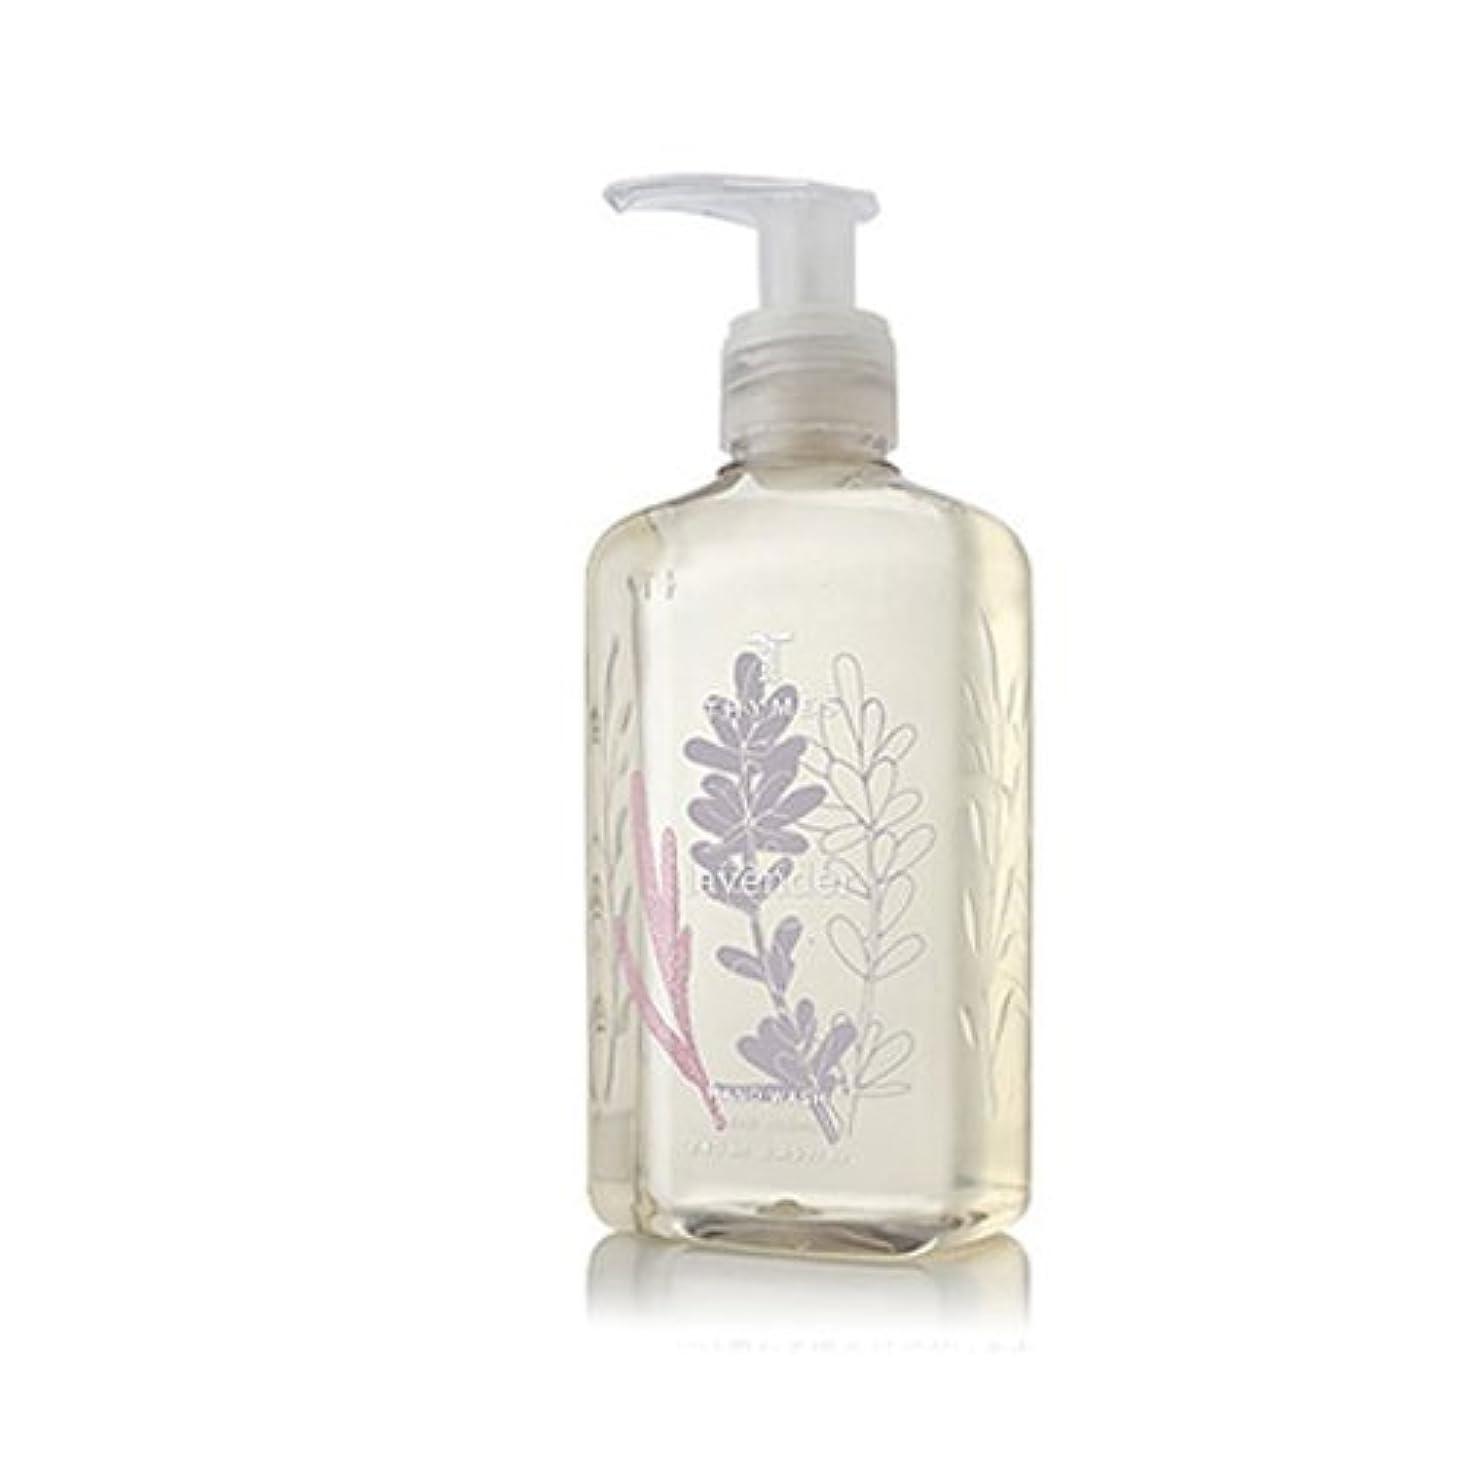 高さ姓インキュバスTHYMES タイムズ ハンドウォッシュ 240ml ラベンダー Hand Wash 8.25 fl oz Lavender [並行輸入品]